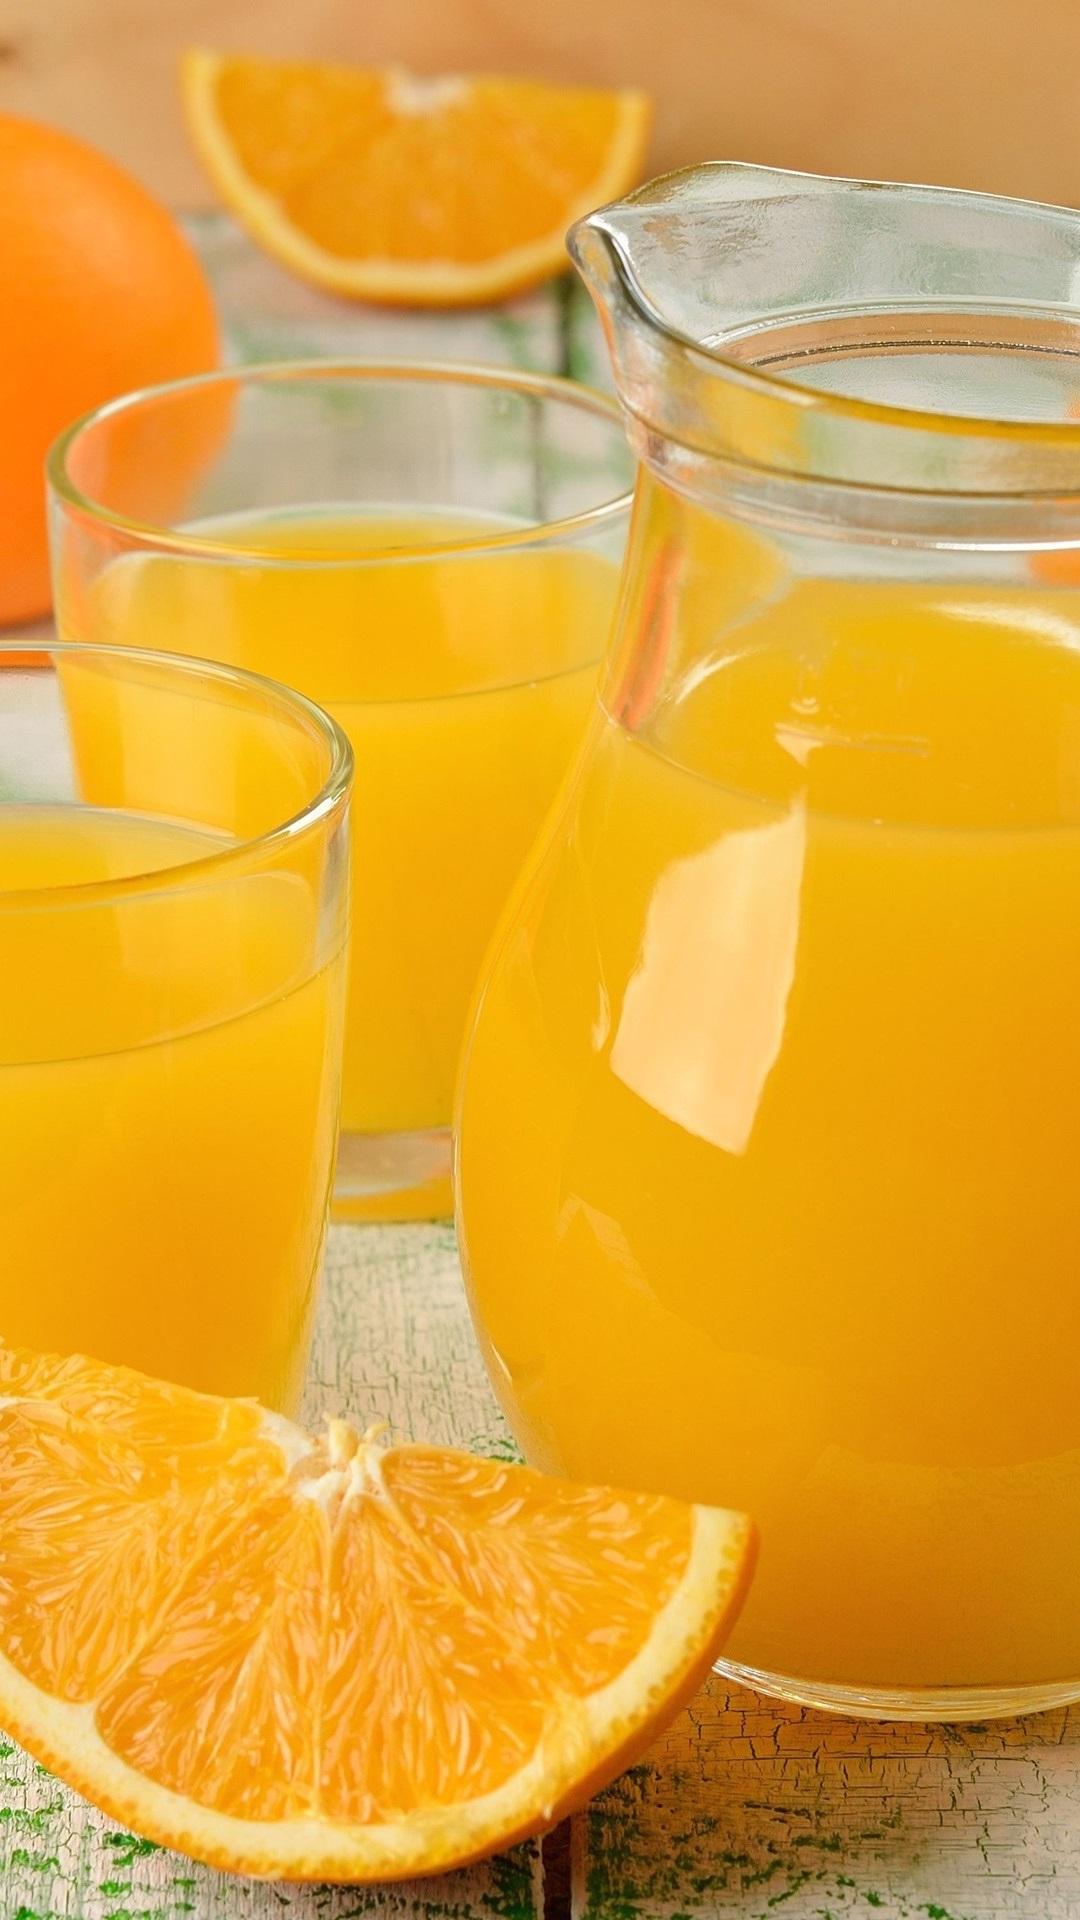 Orange juice fruit